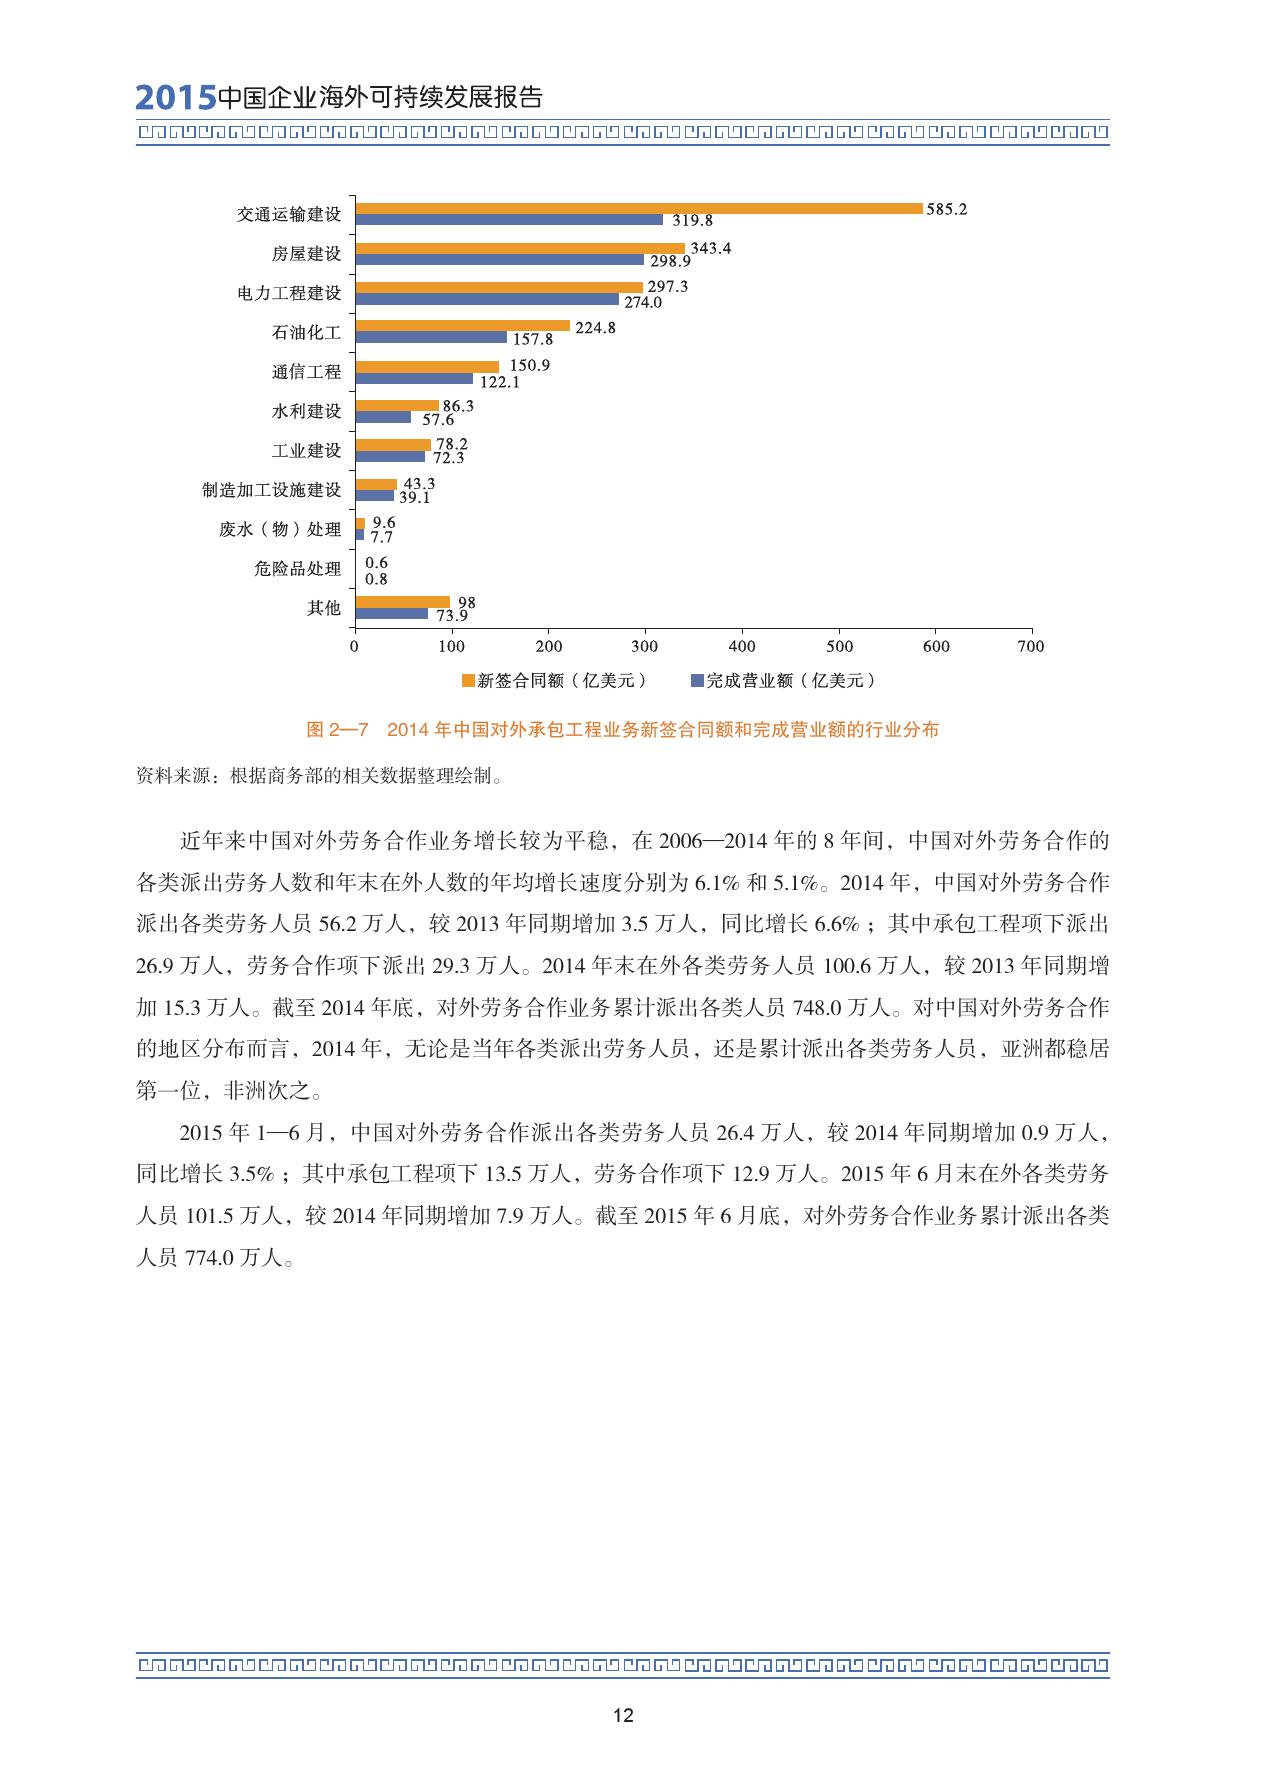 2015中国企业海外可持续发展报告_000026